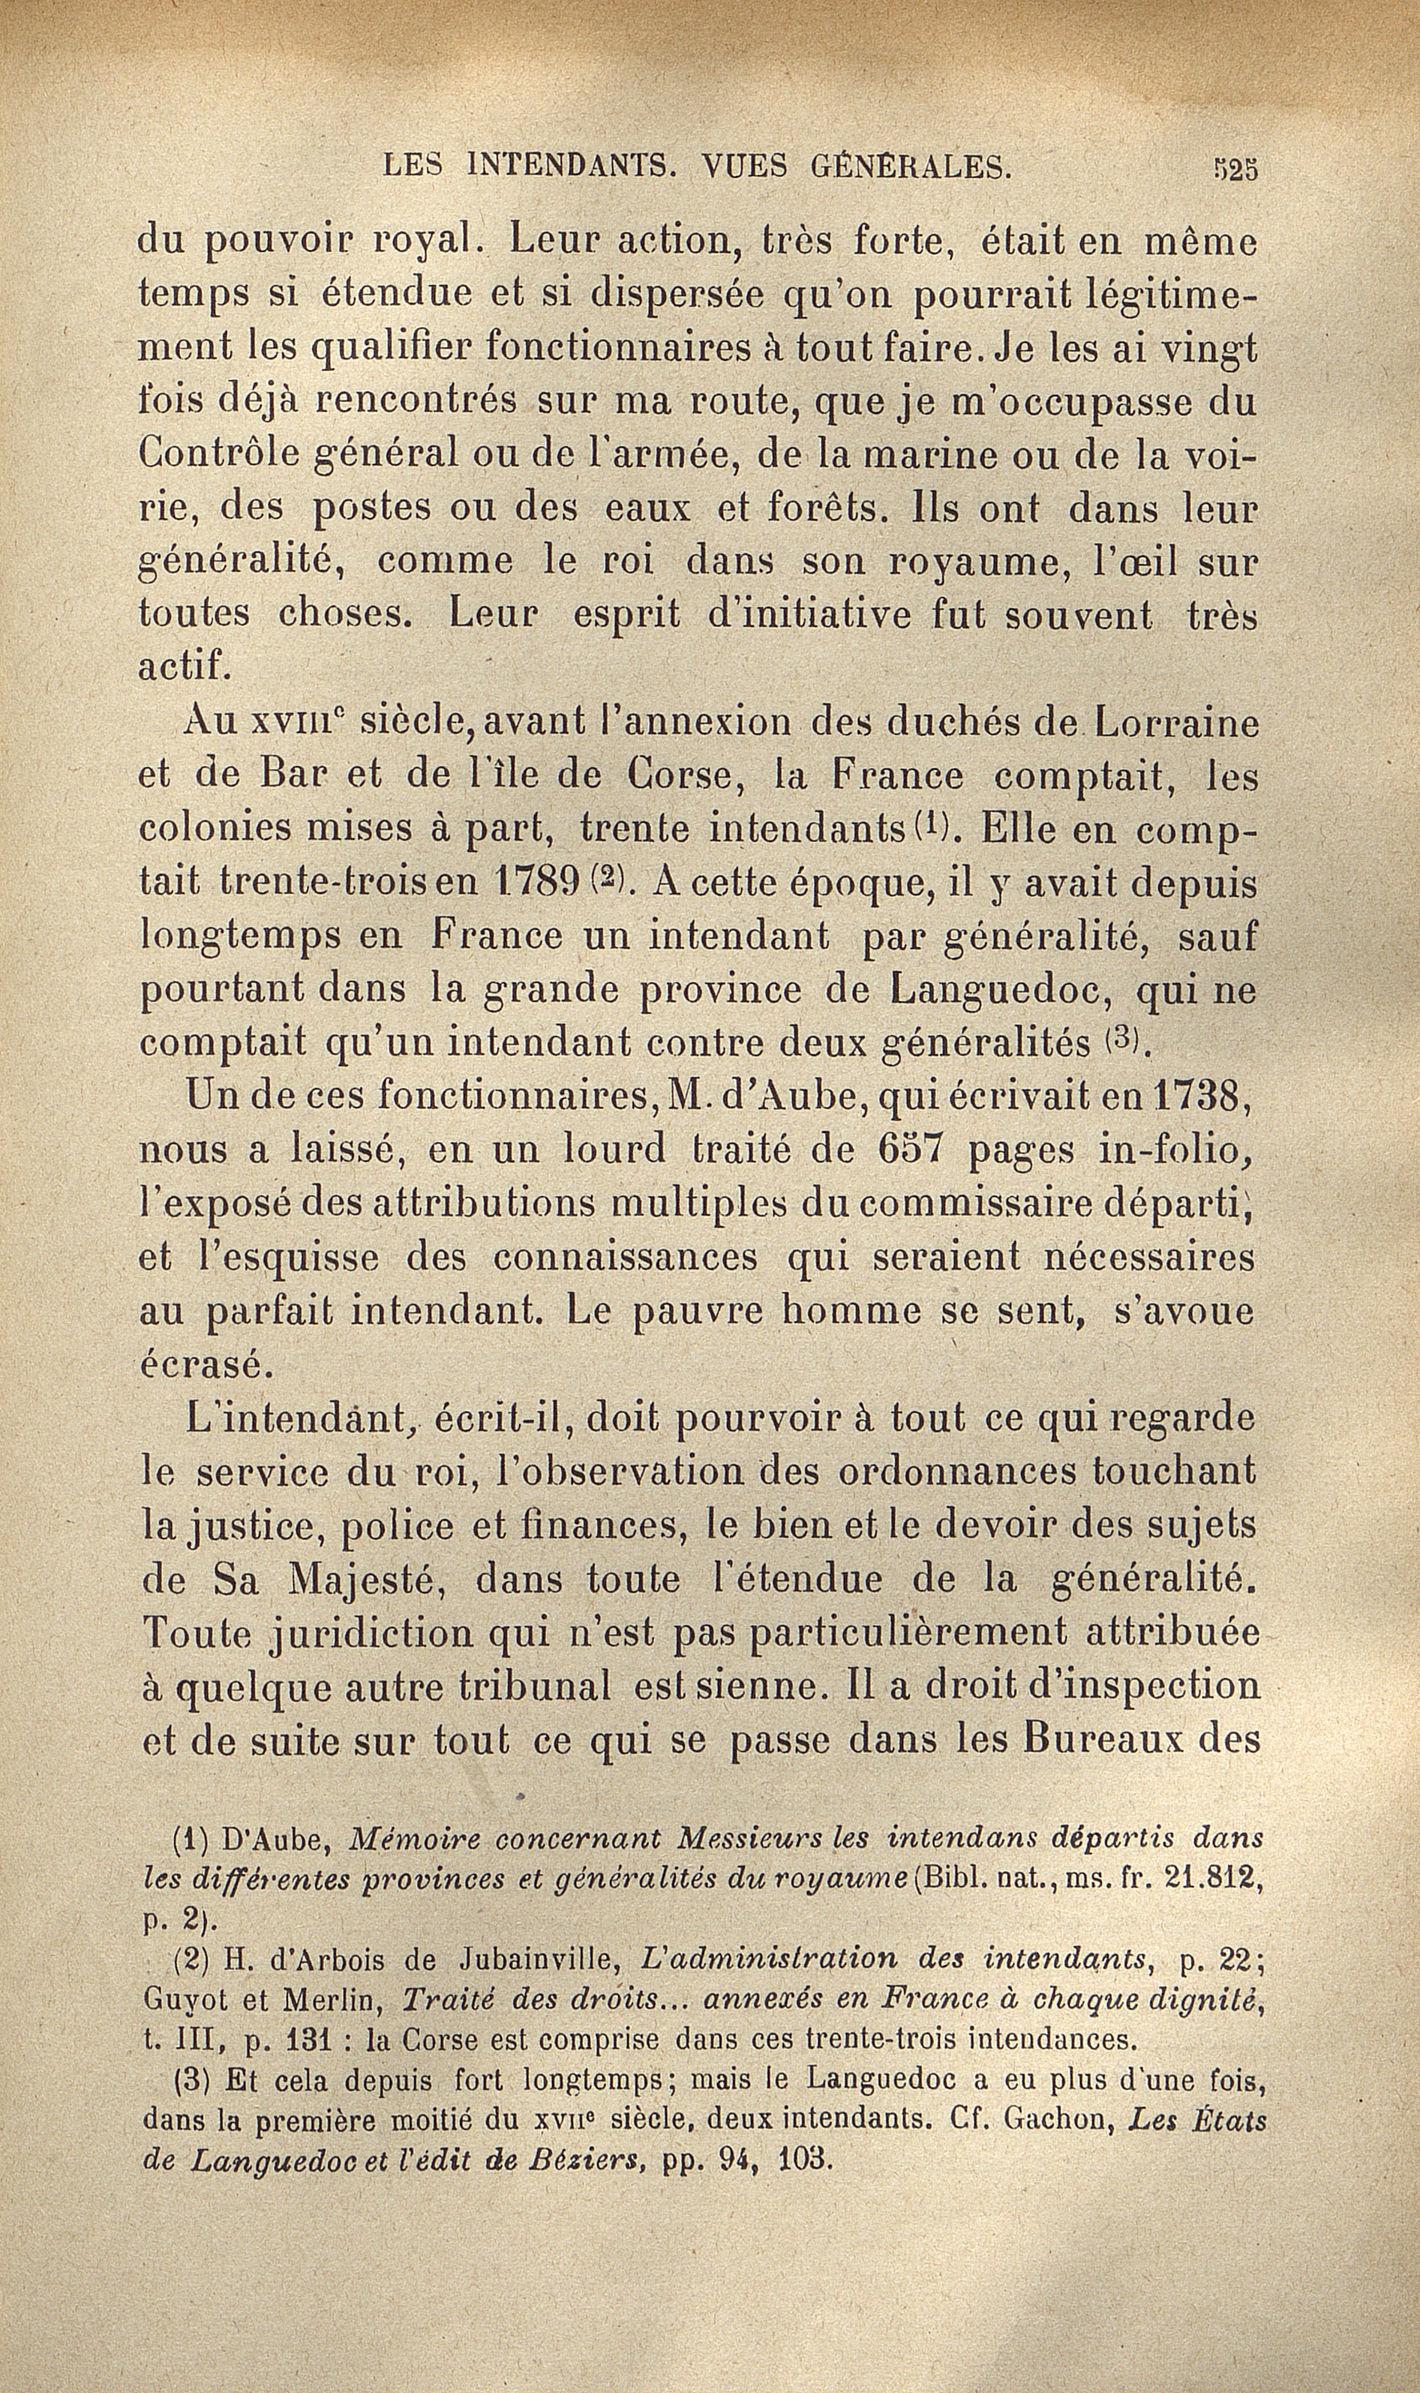 http://expo-paulviollet.univ-paris1.fr/wp-content/uploads/2016/02/0605381272_0539.jpg